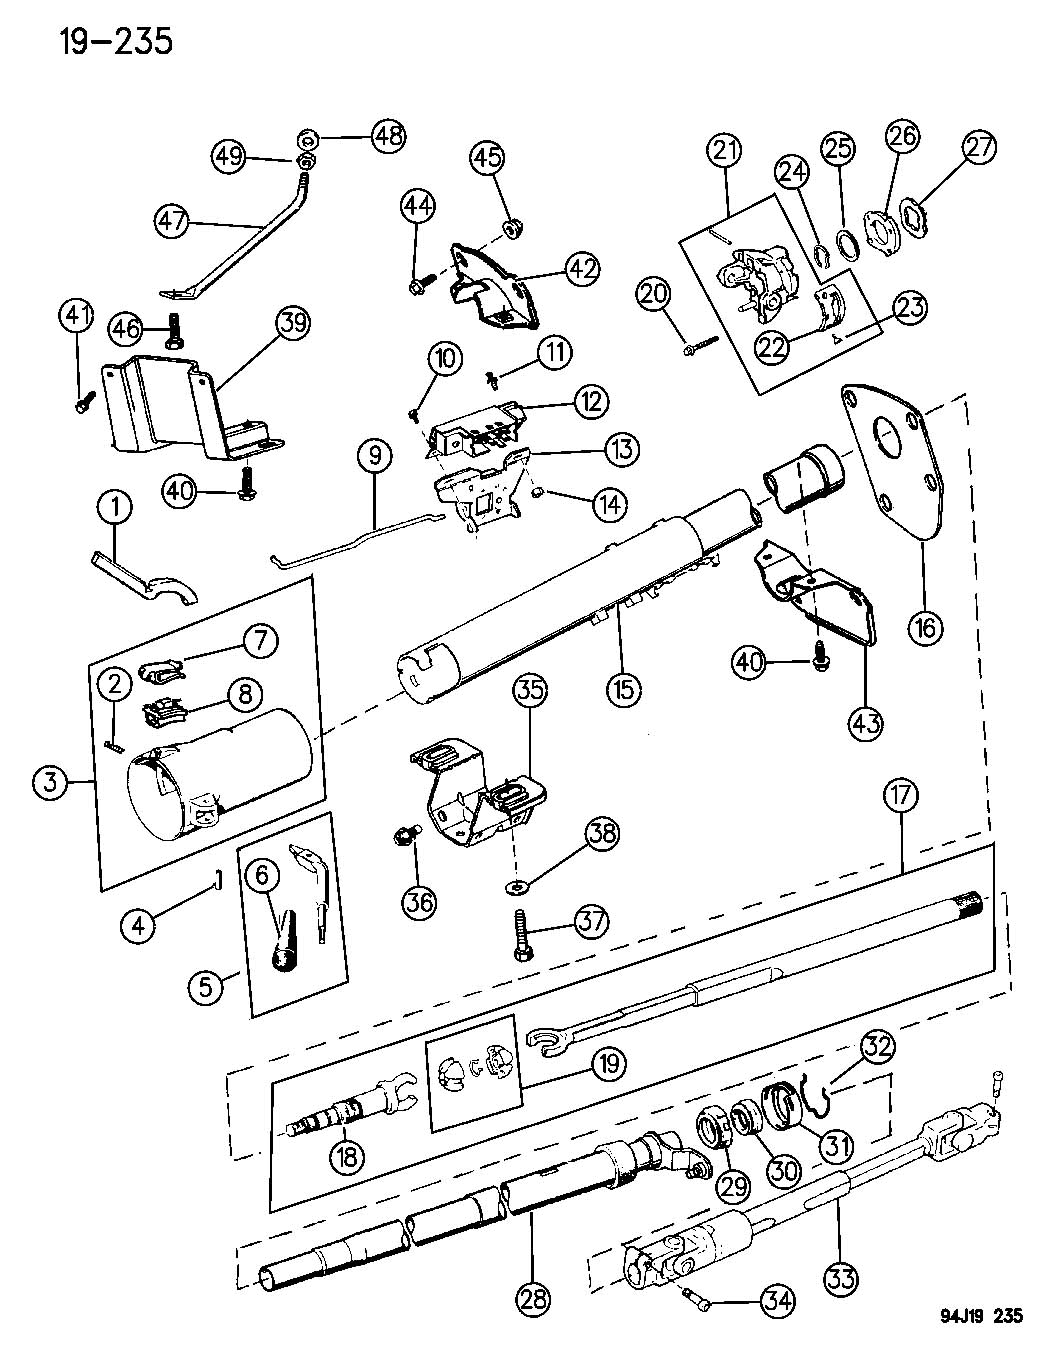 Service manual [1994 Jeep Wrangler Dash Removal Diagram